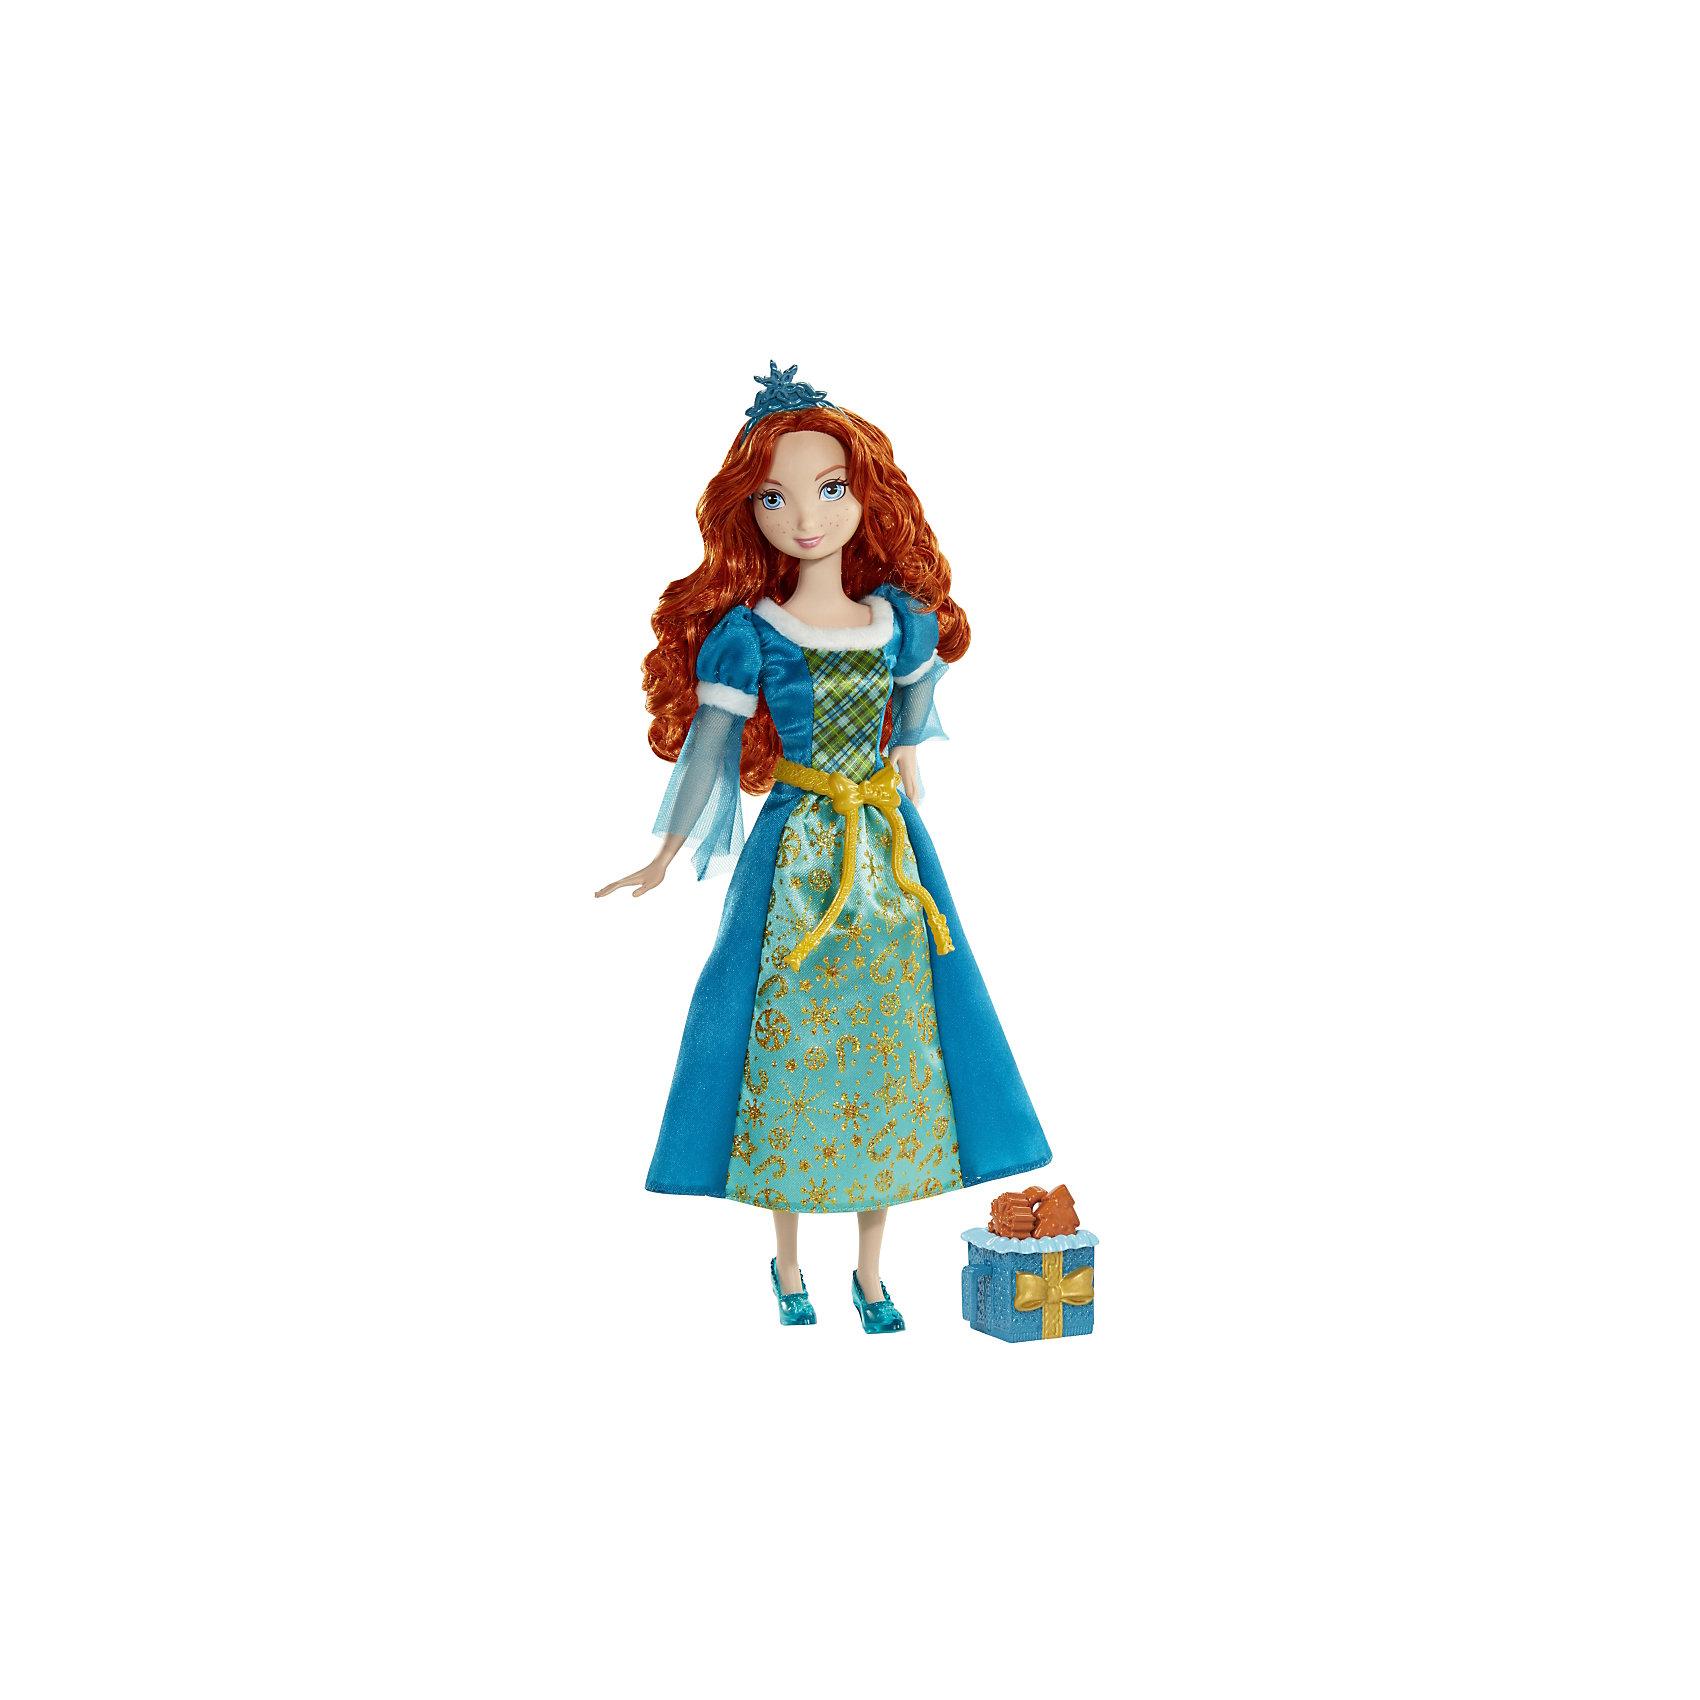 Mattel Кукла Мерида со сладостями, Принцессы Дисней hasbro модная кукла принцесса в юбке с проявляющимся принтом принцессы дисней b5295 b5299